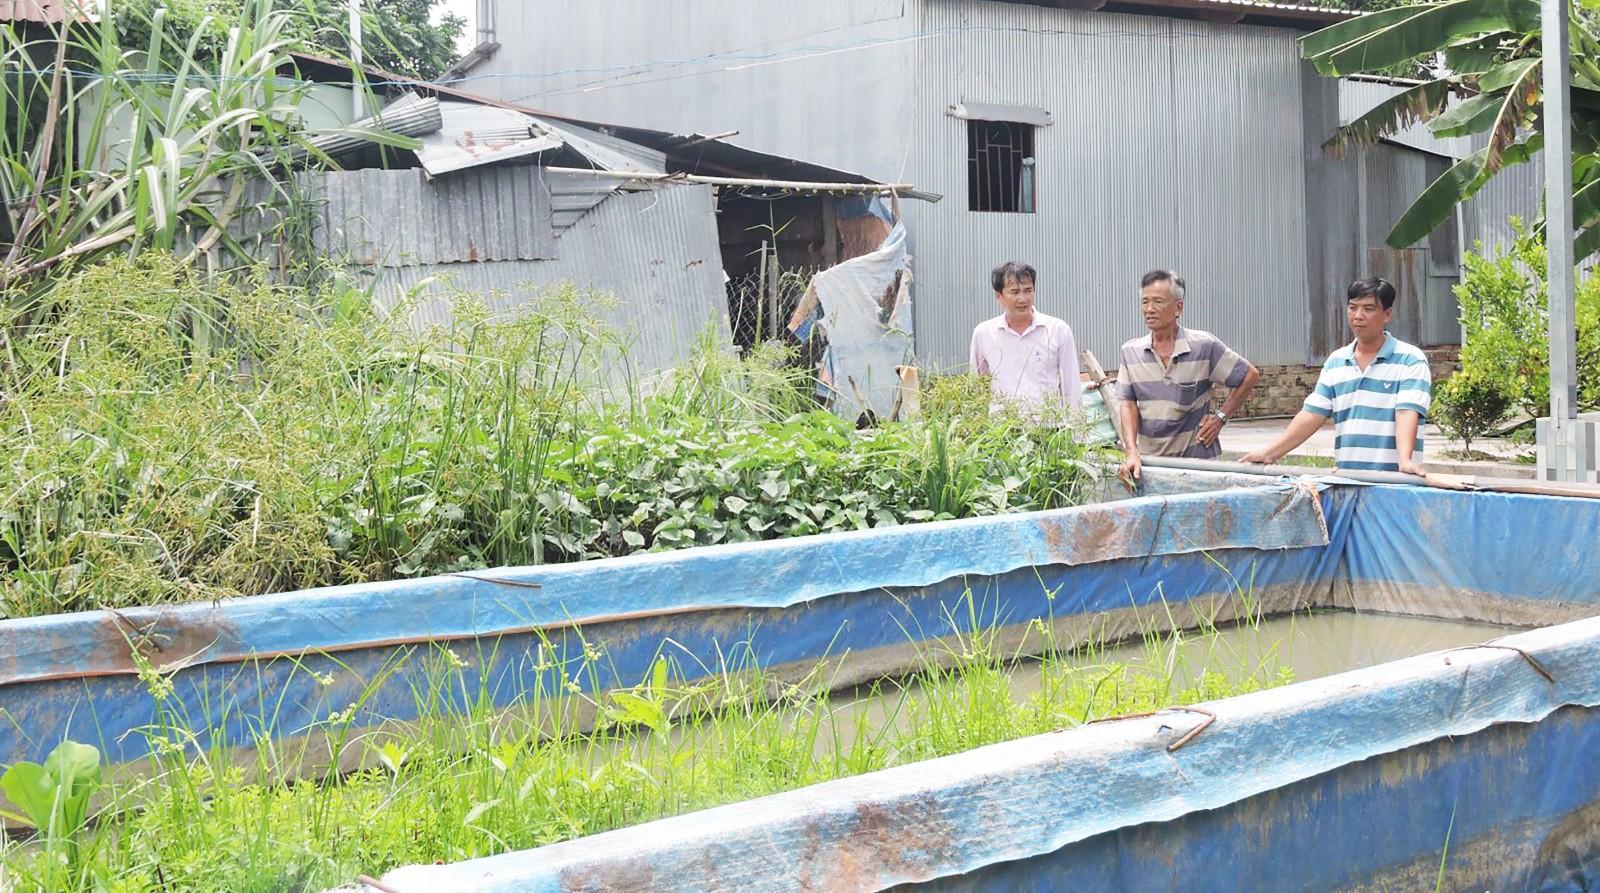 Ông Trần Văn Tổng (giữa) giới thiệu mô hình nuôi lươn của gia đình. Ảnh: MỸ TÚ